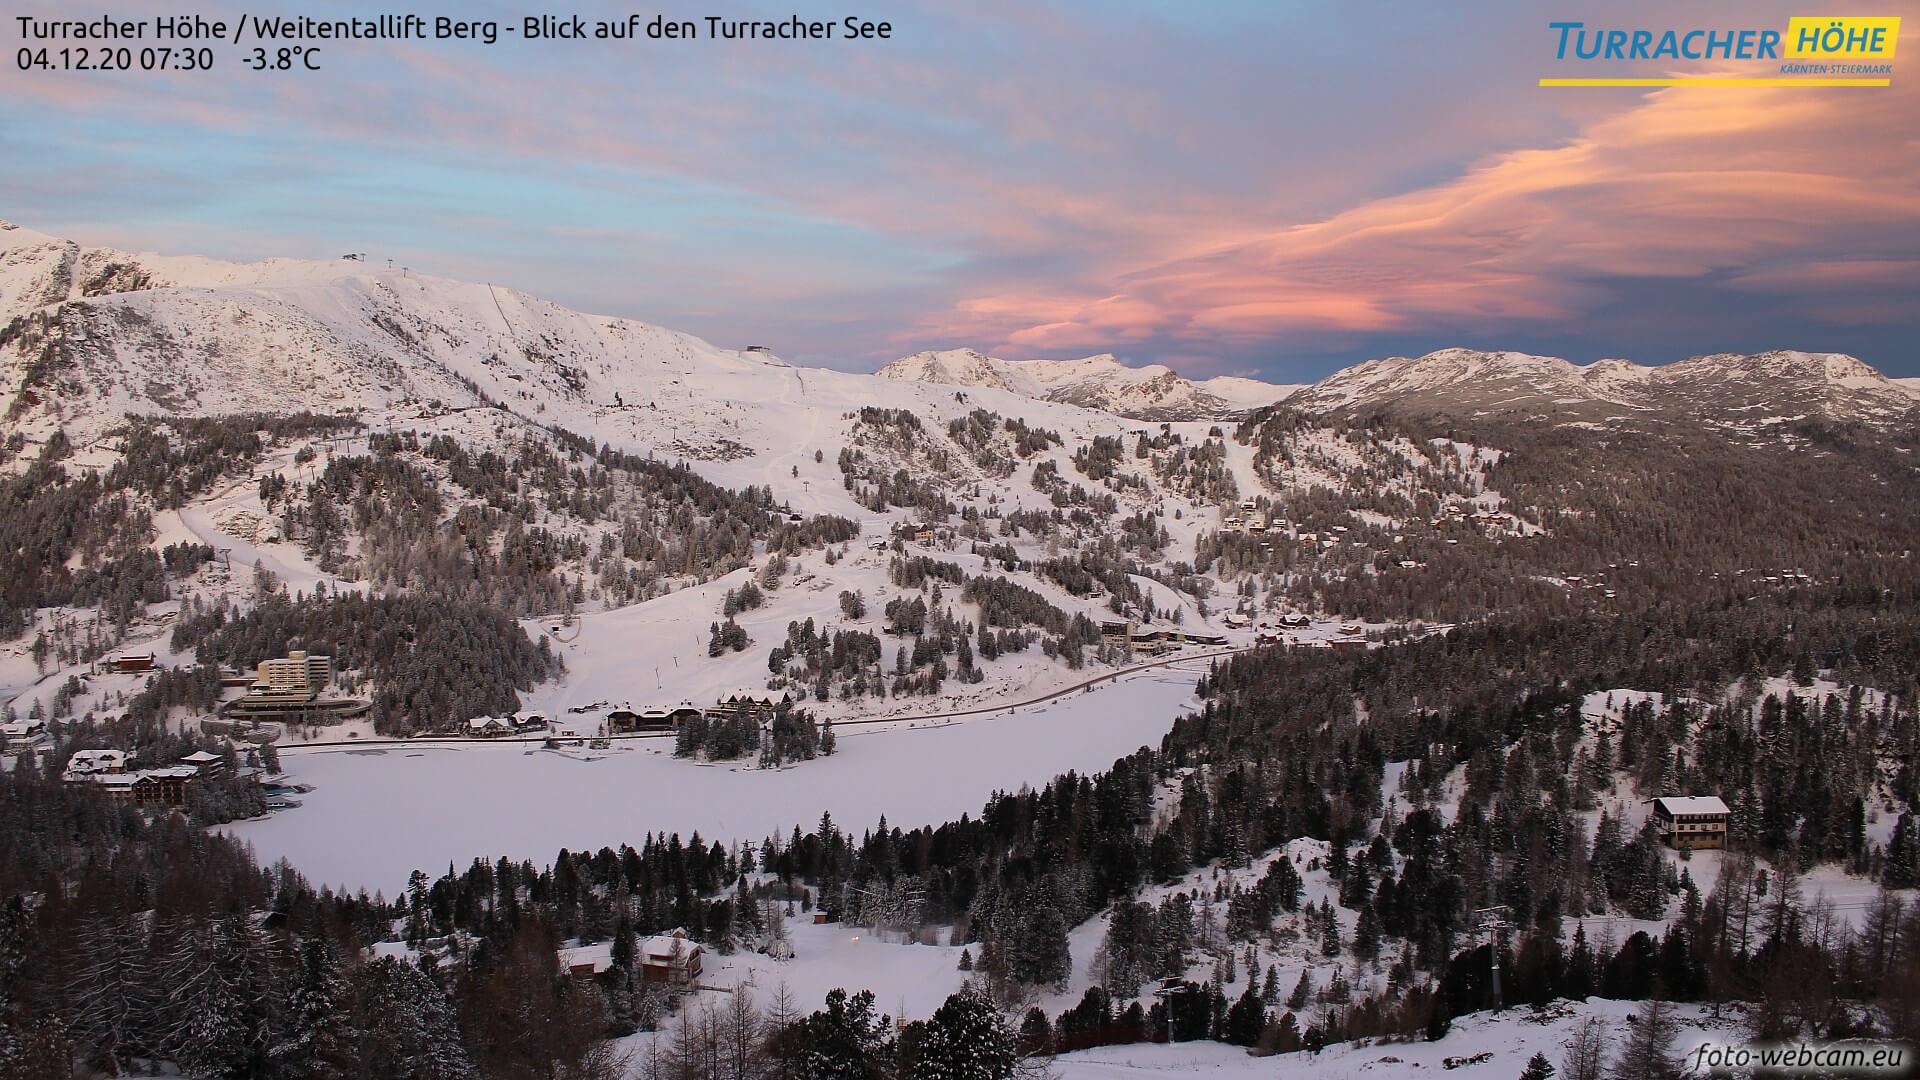 Am 4.12. sorgter der Sonnenaufgang für eine malerische Farbgegbung. Quelle: foto-webcam.eu